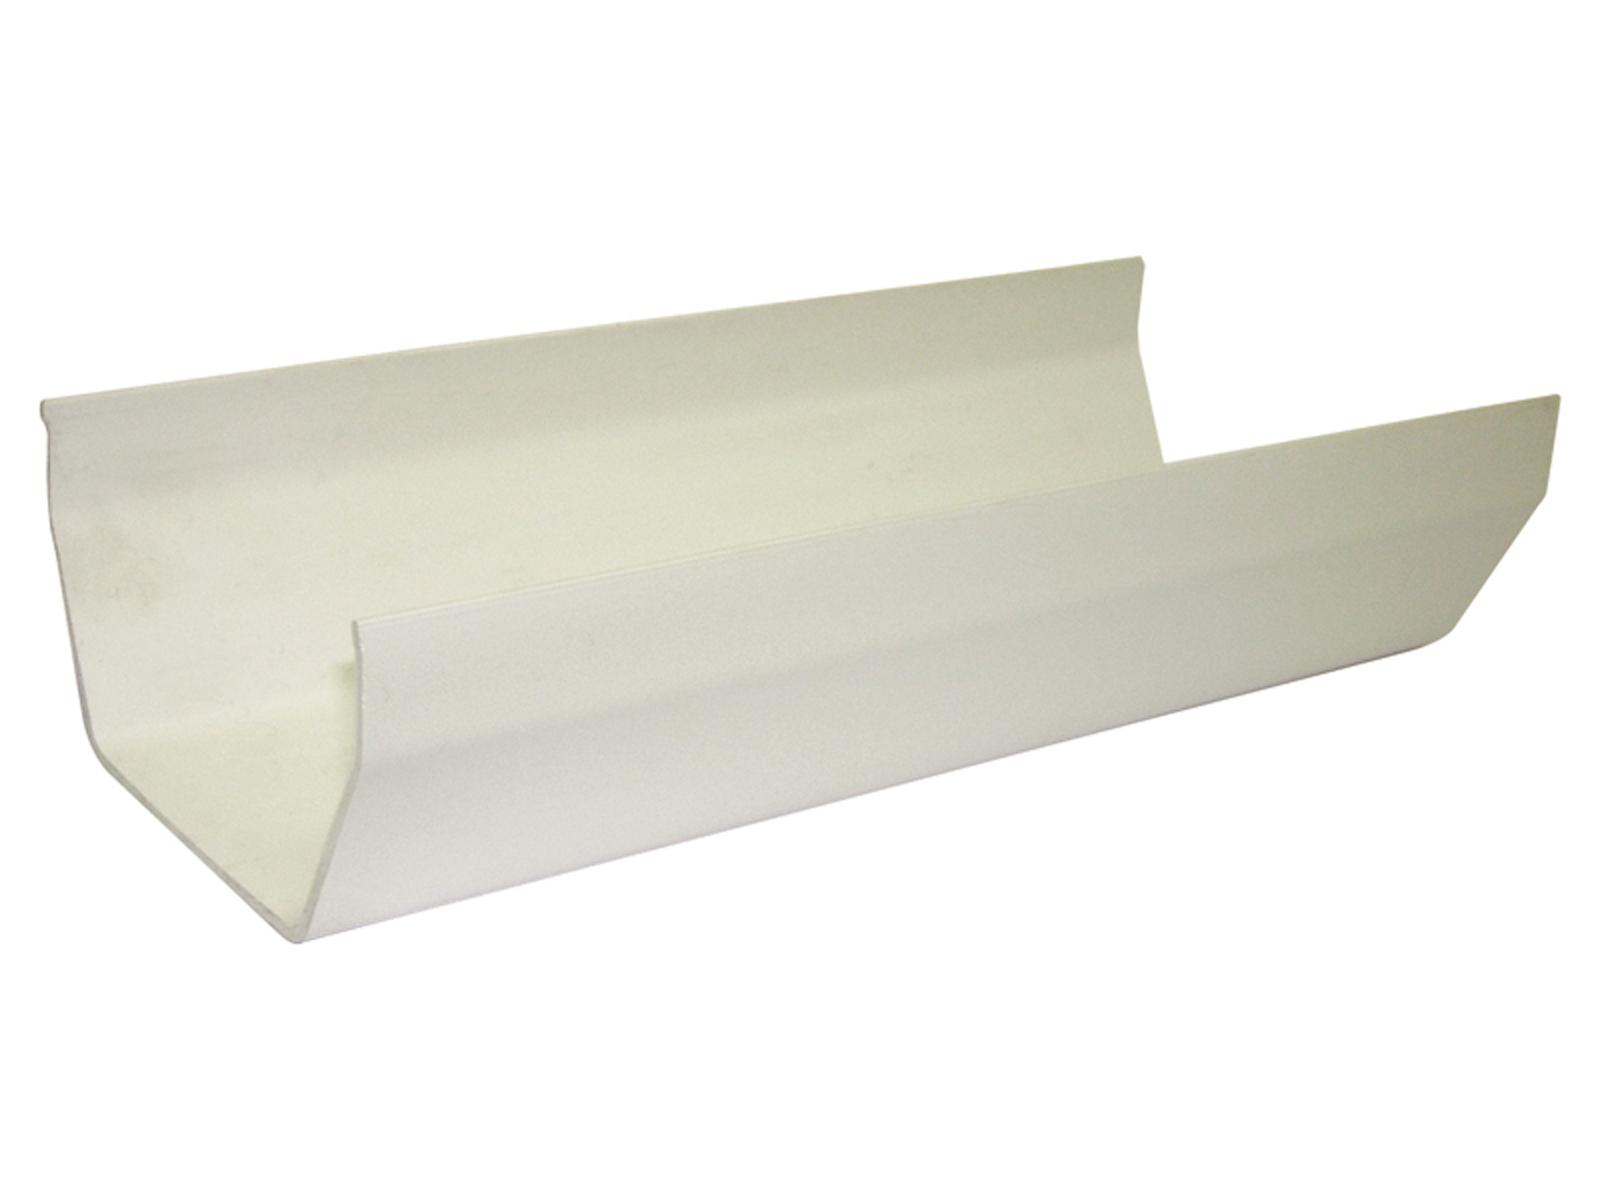 FLOPLAST RGS4 SQUARE LINE GUTTER - GUTTER - WHITE